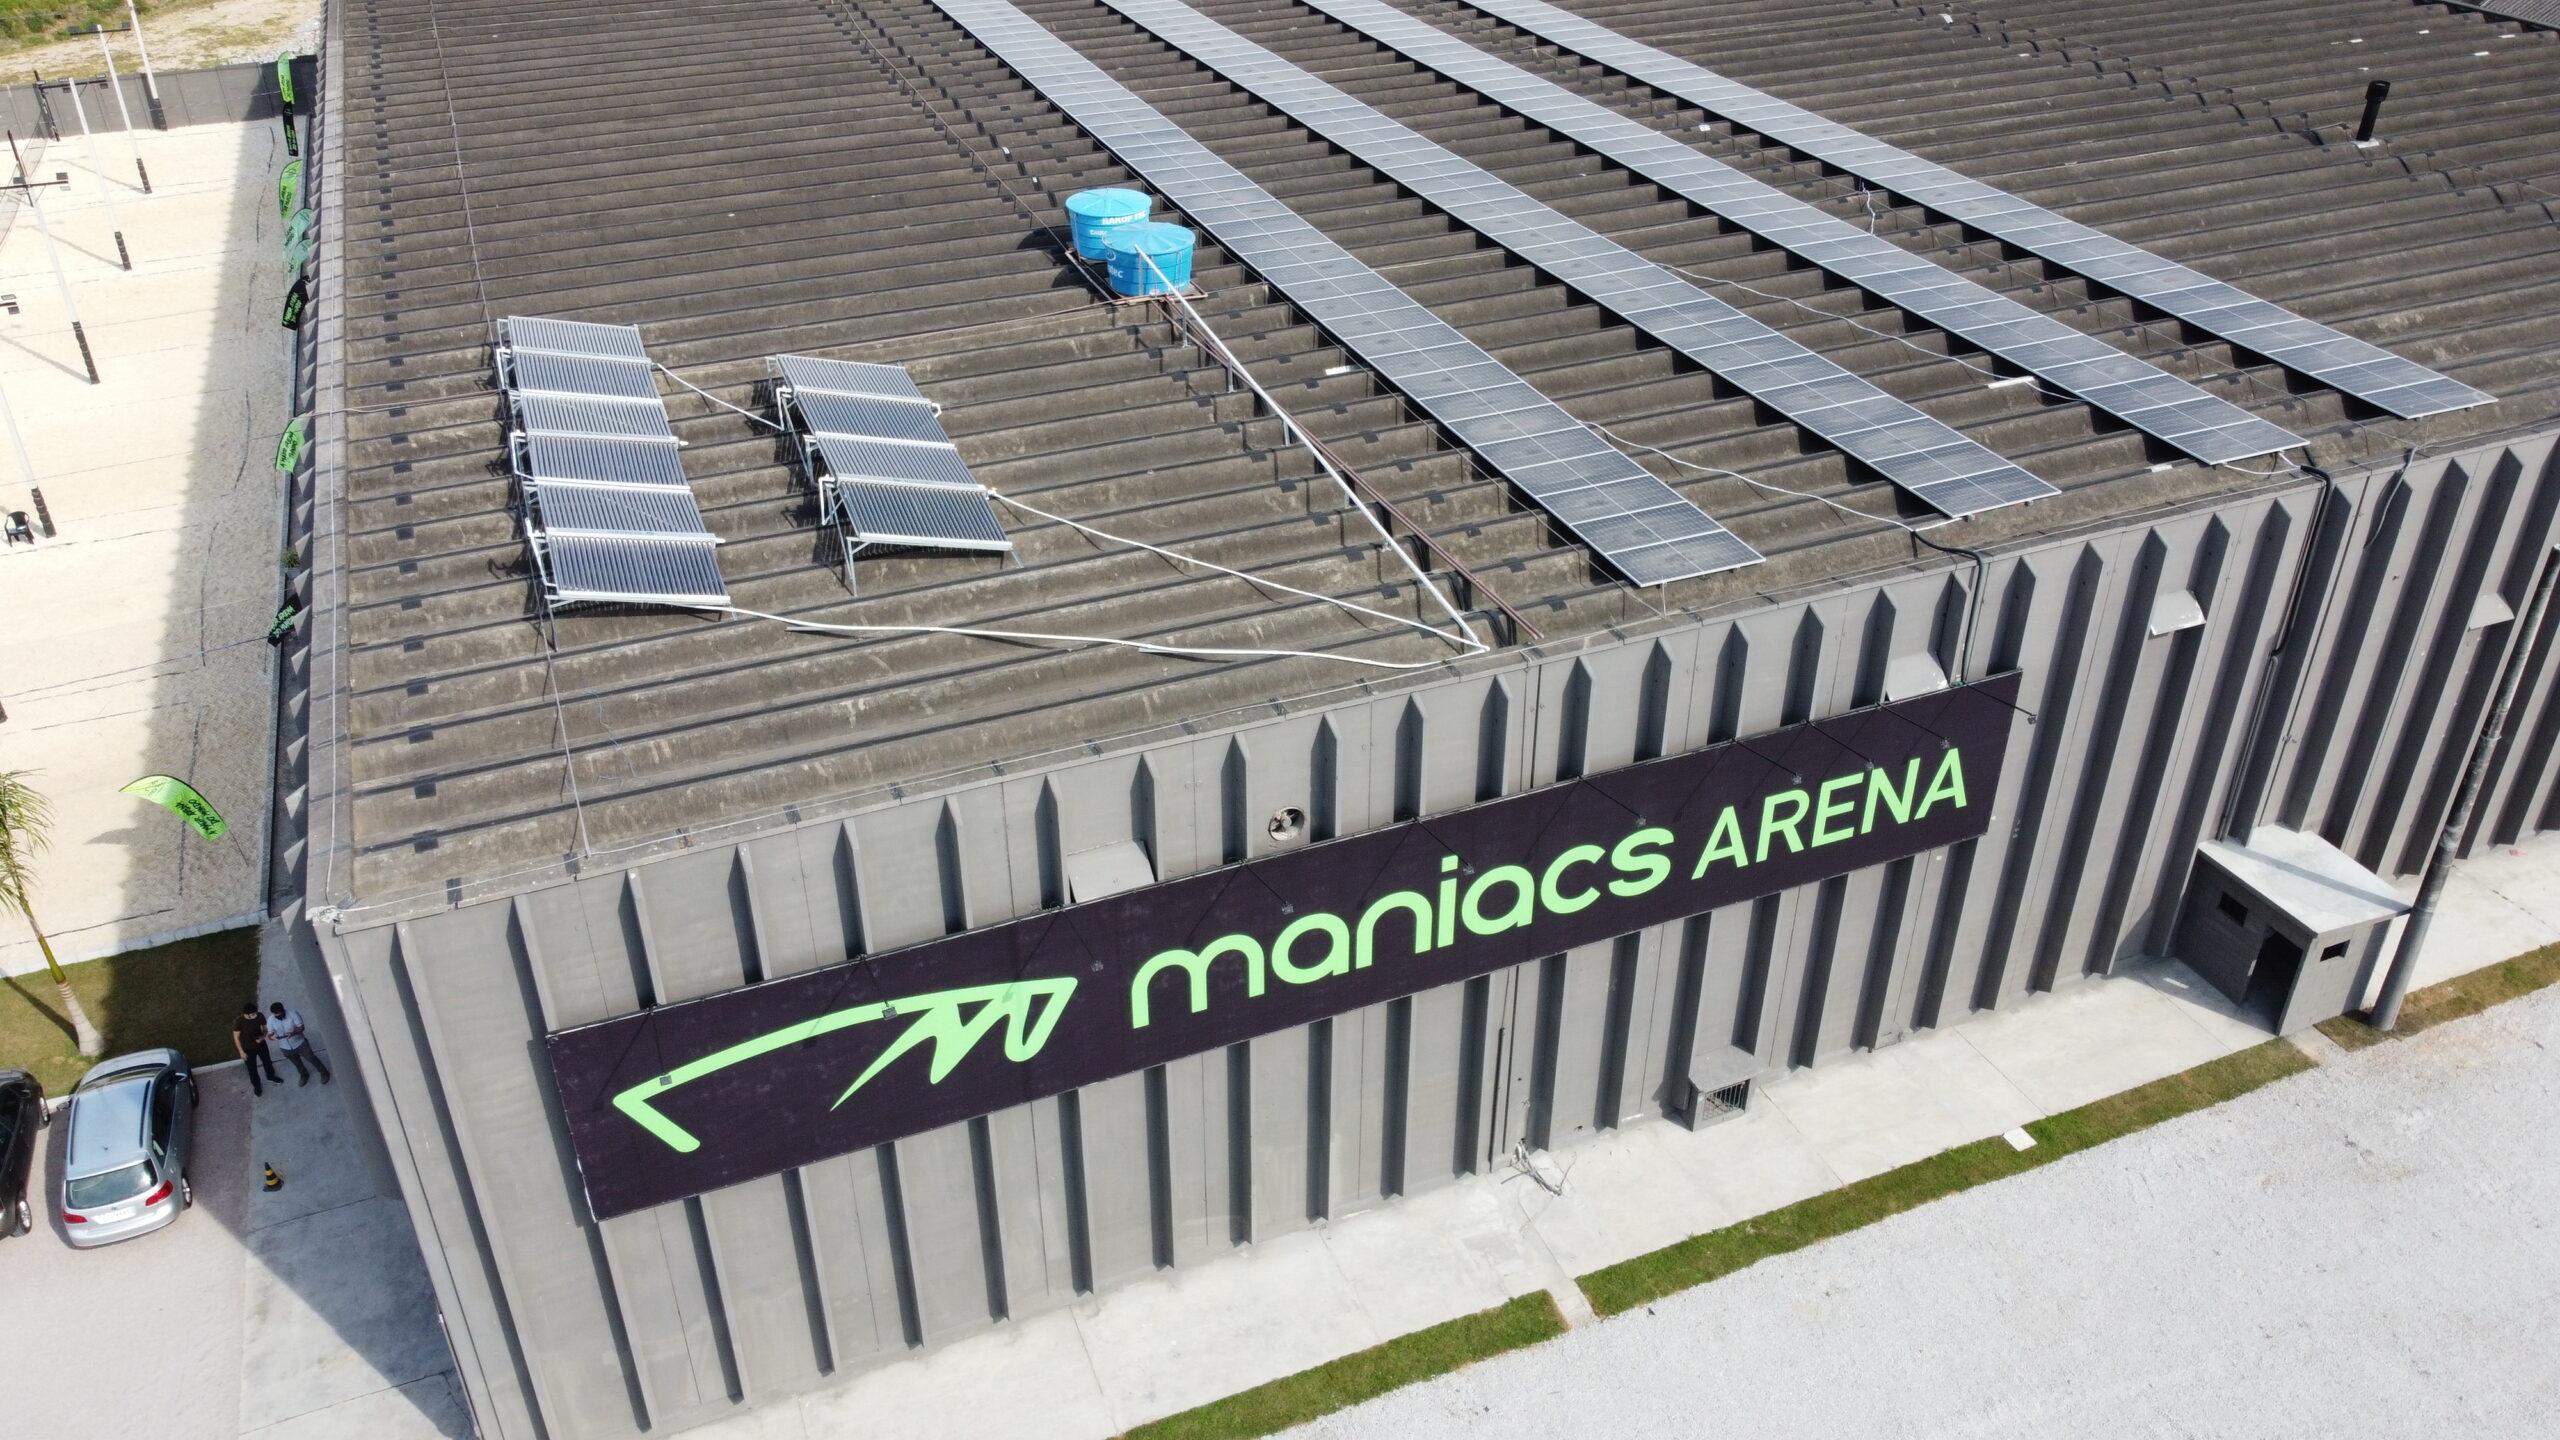 A maior arena esportiva do mundo possui energia solar Sunfox